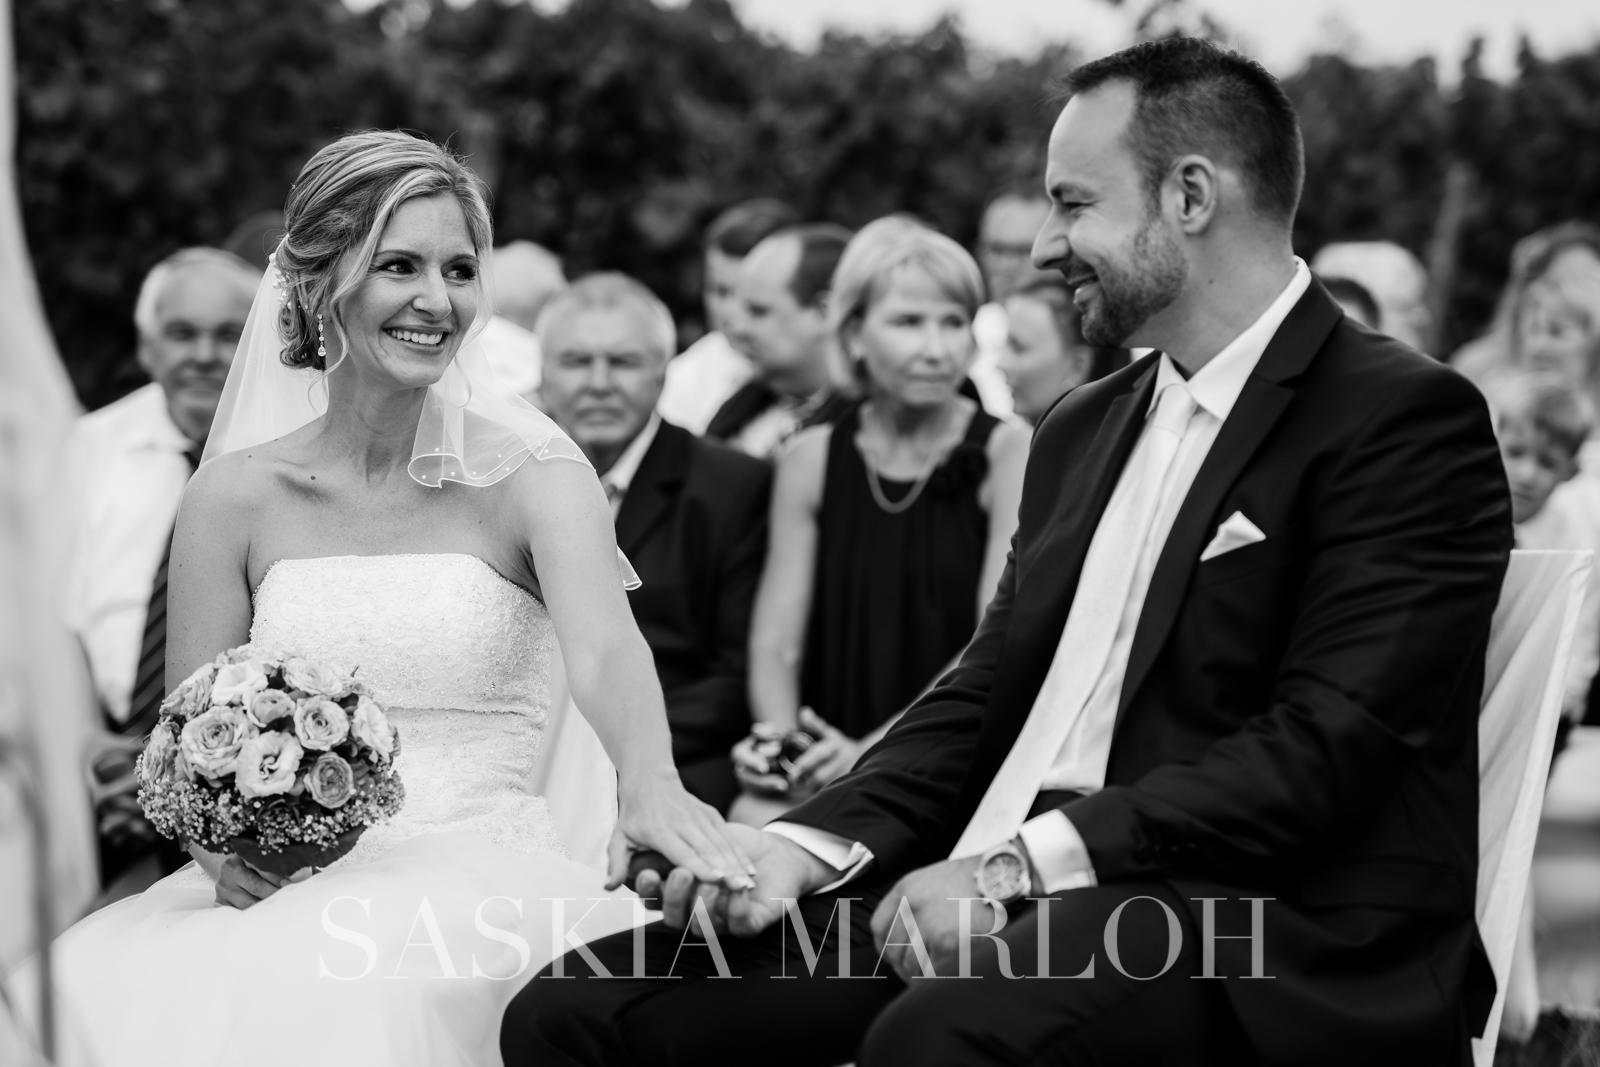 WEINGUT-GEORG-MÜLLER-CLUB-PRESTIGE-DE-LUXE-HOCHZEIT-WEDDING-PHOTO-FOTO-SASKIA-MARLOH-edit-459